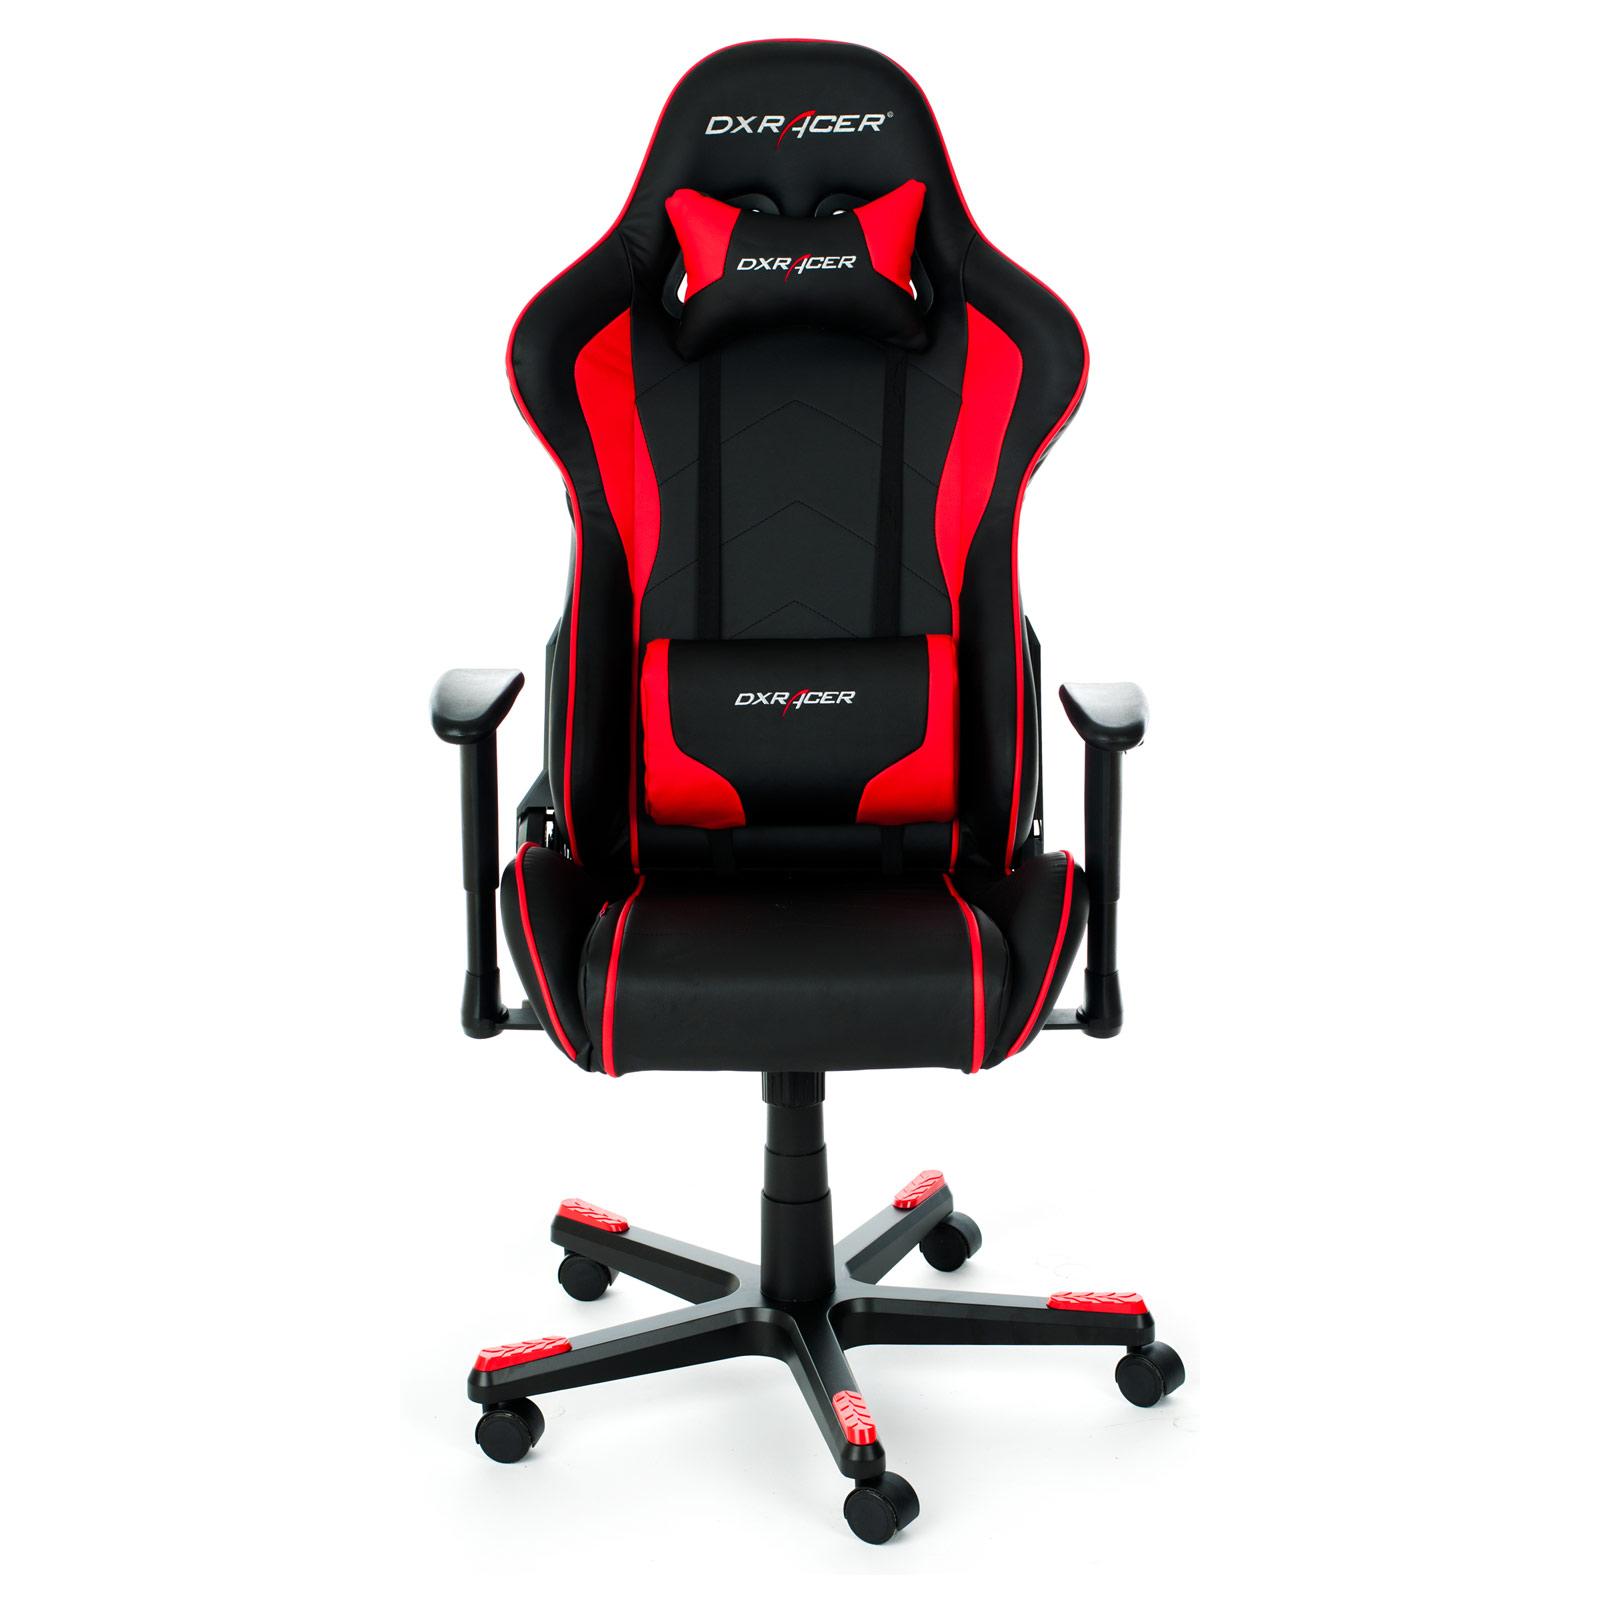 Chaise dxracer le monde de l a for Le monde de la chaise